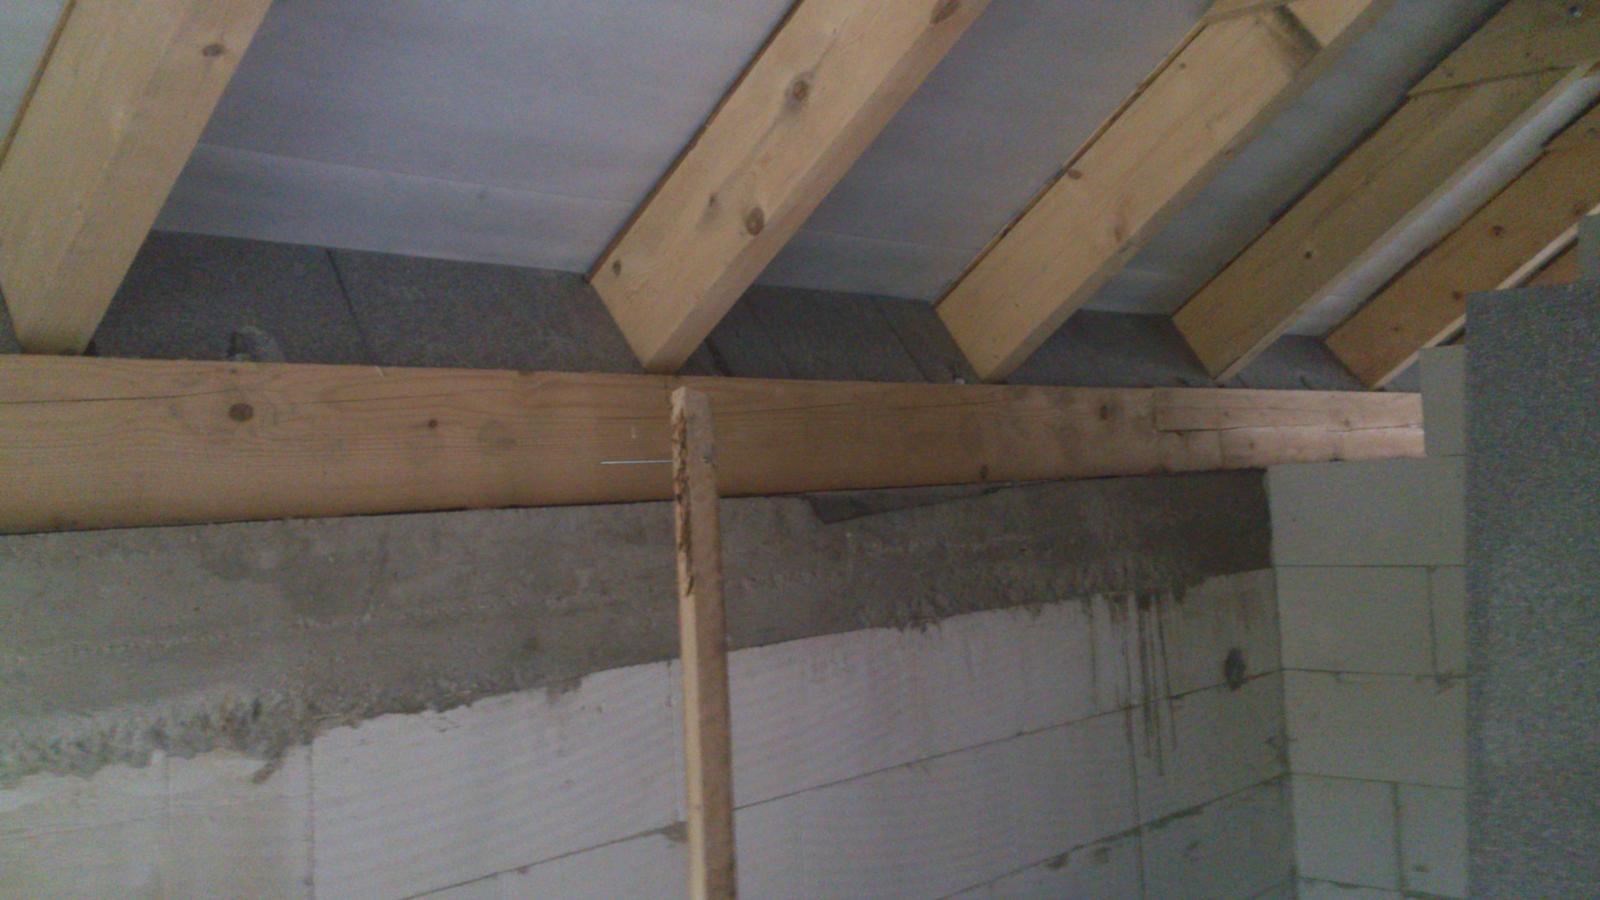 Zaciname...pokračujeme... - tieto trojuholíky sú v podstate odpady  tak som ich použil, aby mi držali vatu a zarovnával ich z vonkajšej strany so stenou kde príde zateplenie fasády